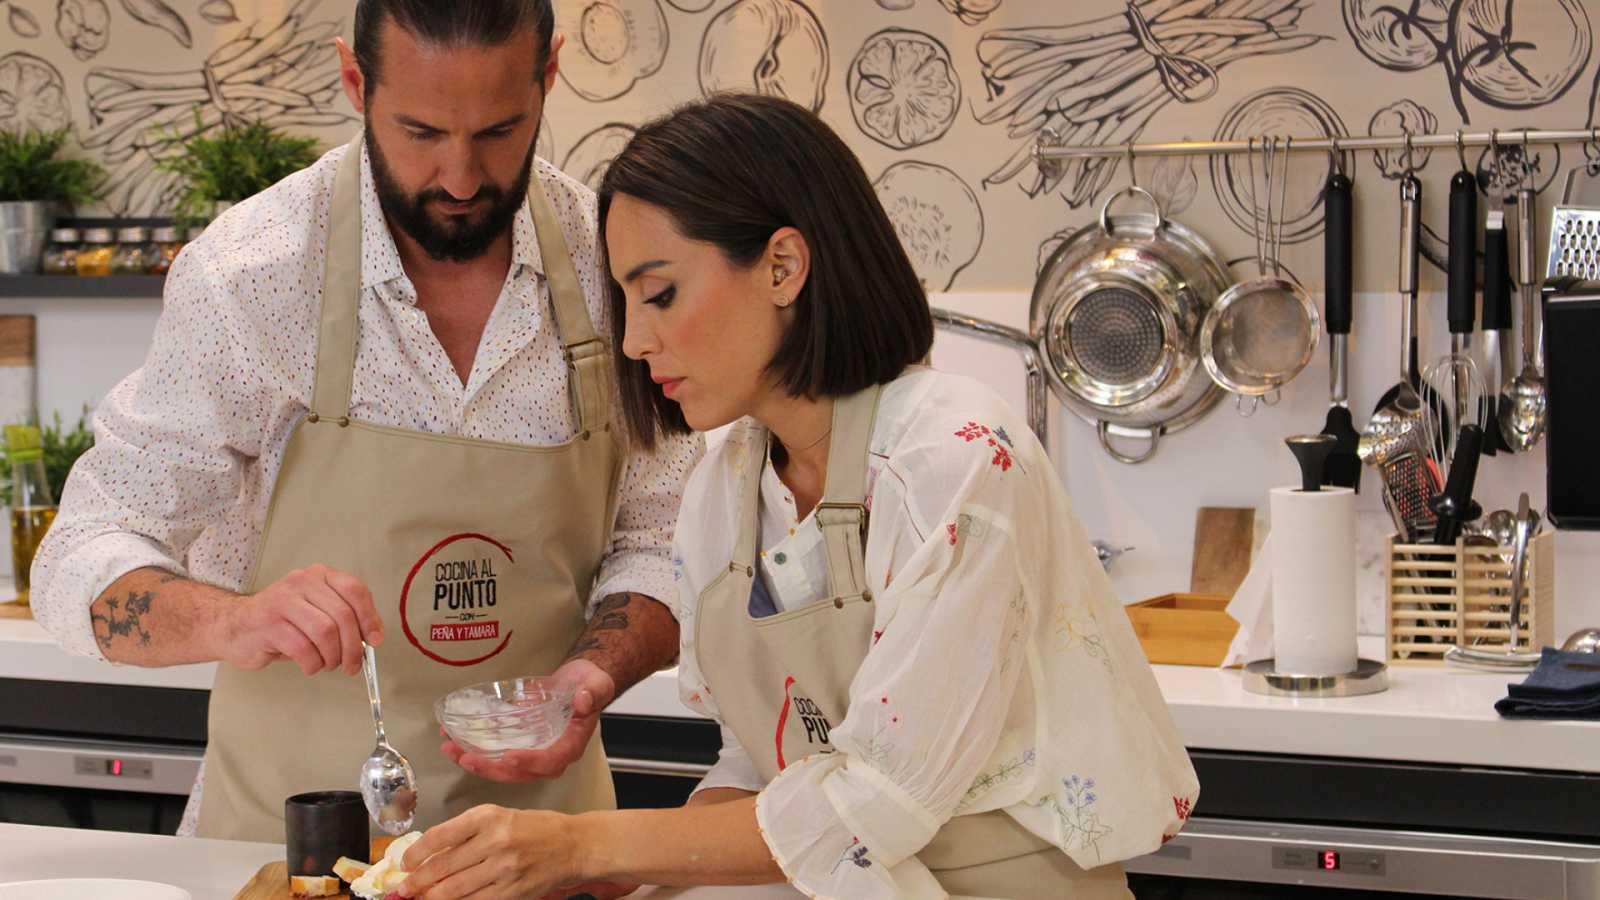 Cocina al punto con Peña y Tamara - La gamba blanca y la chirla de Punta Umbría - ver ahora